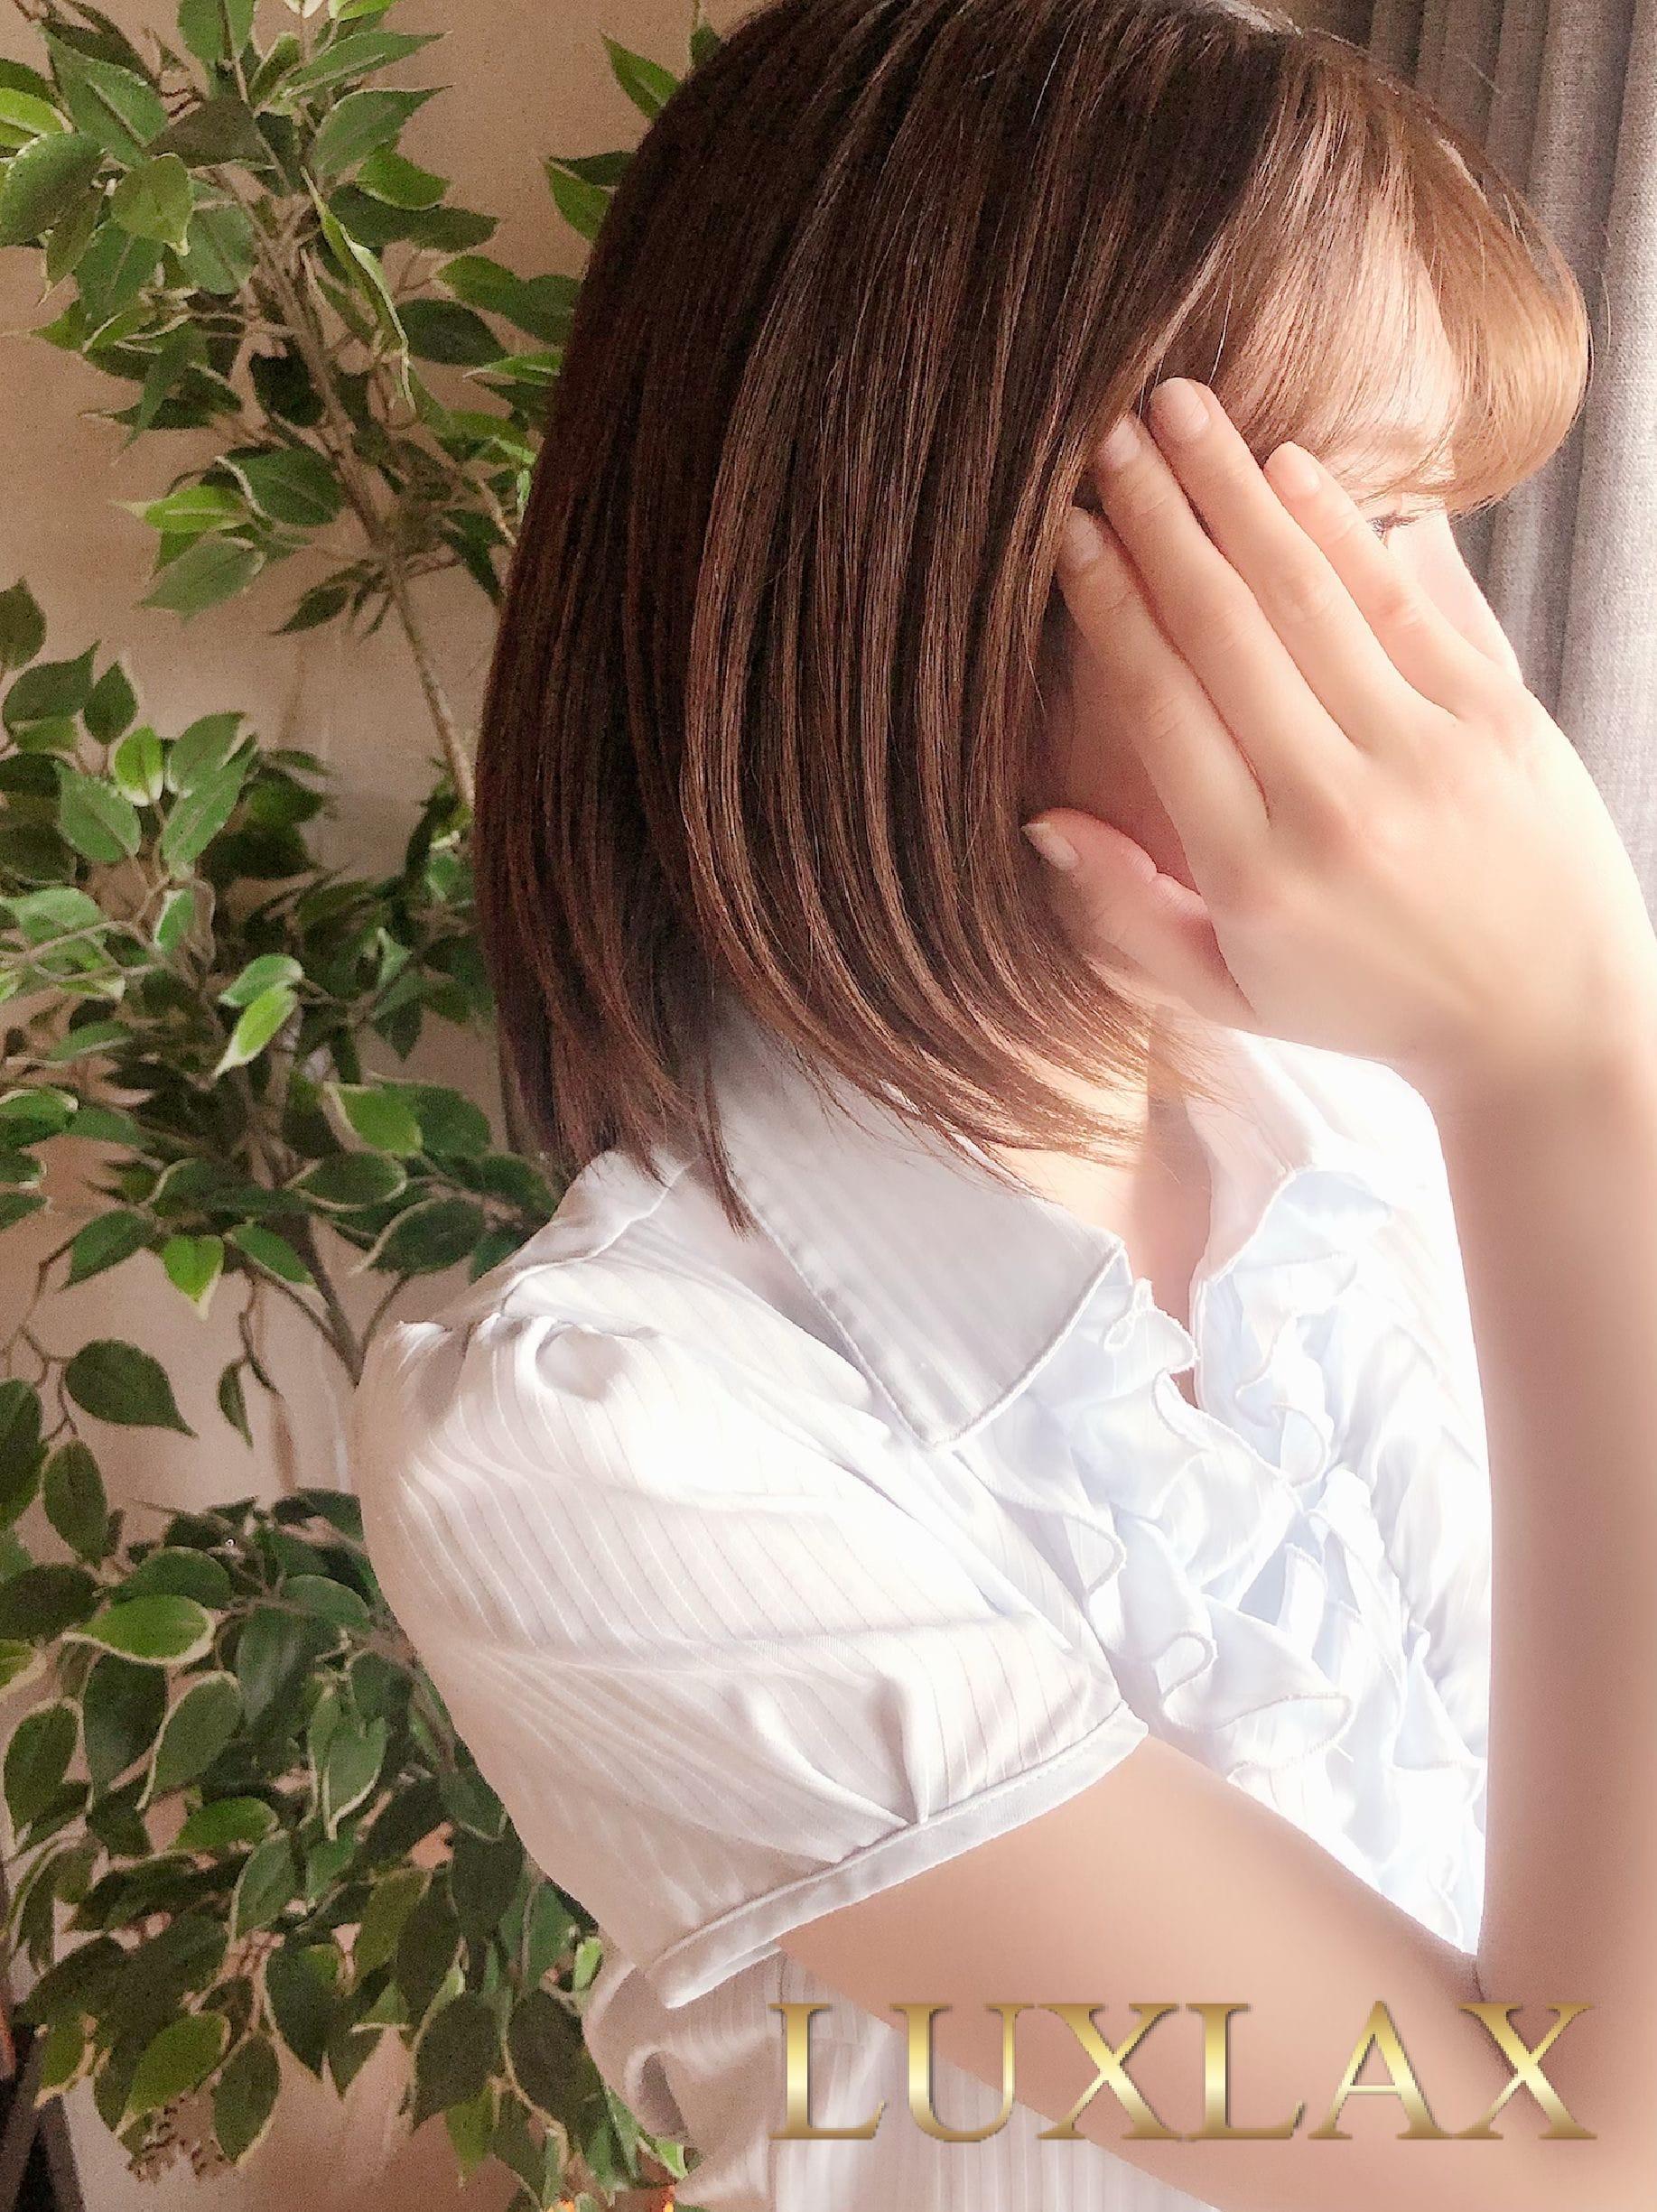 「こんばんは♡」05/02(日) 17:53   椎名(しいな)の写メ日記